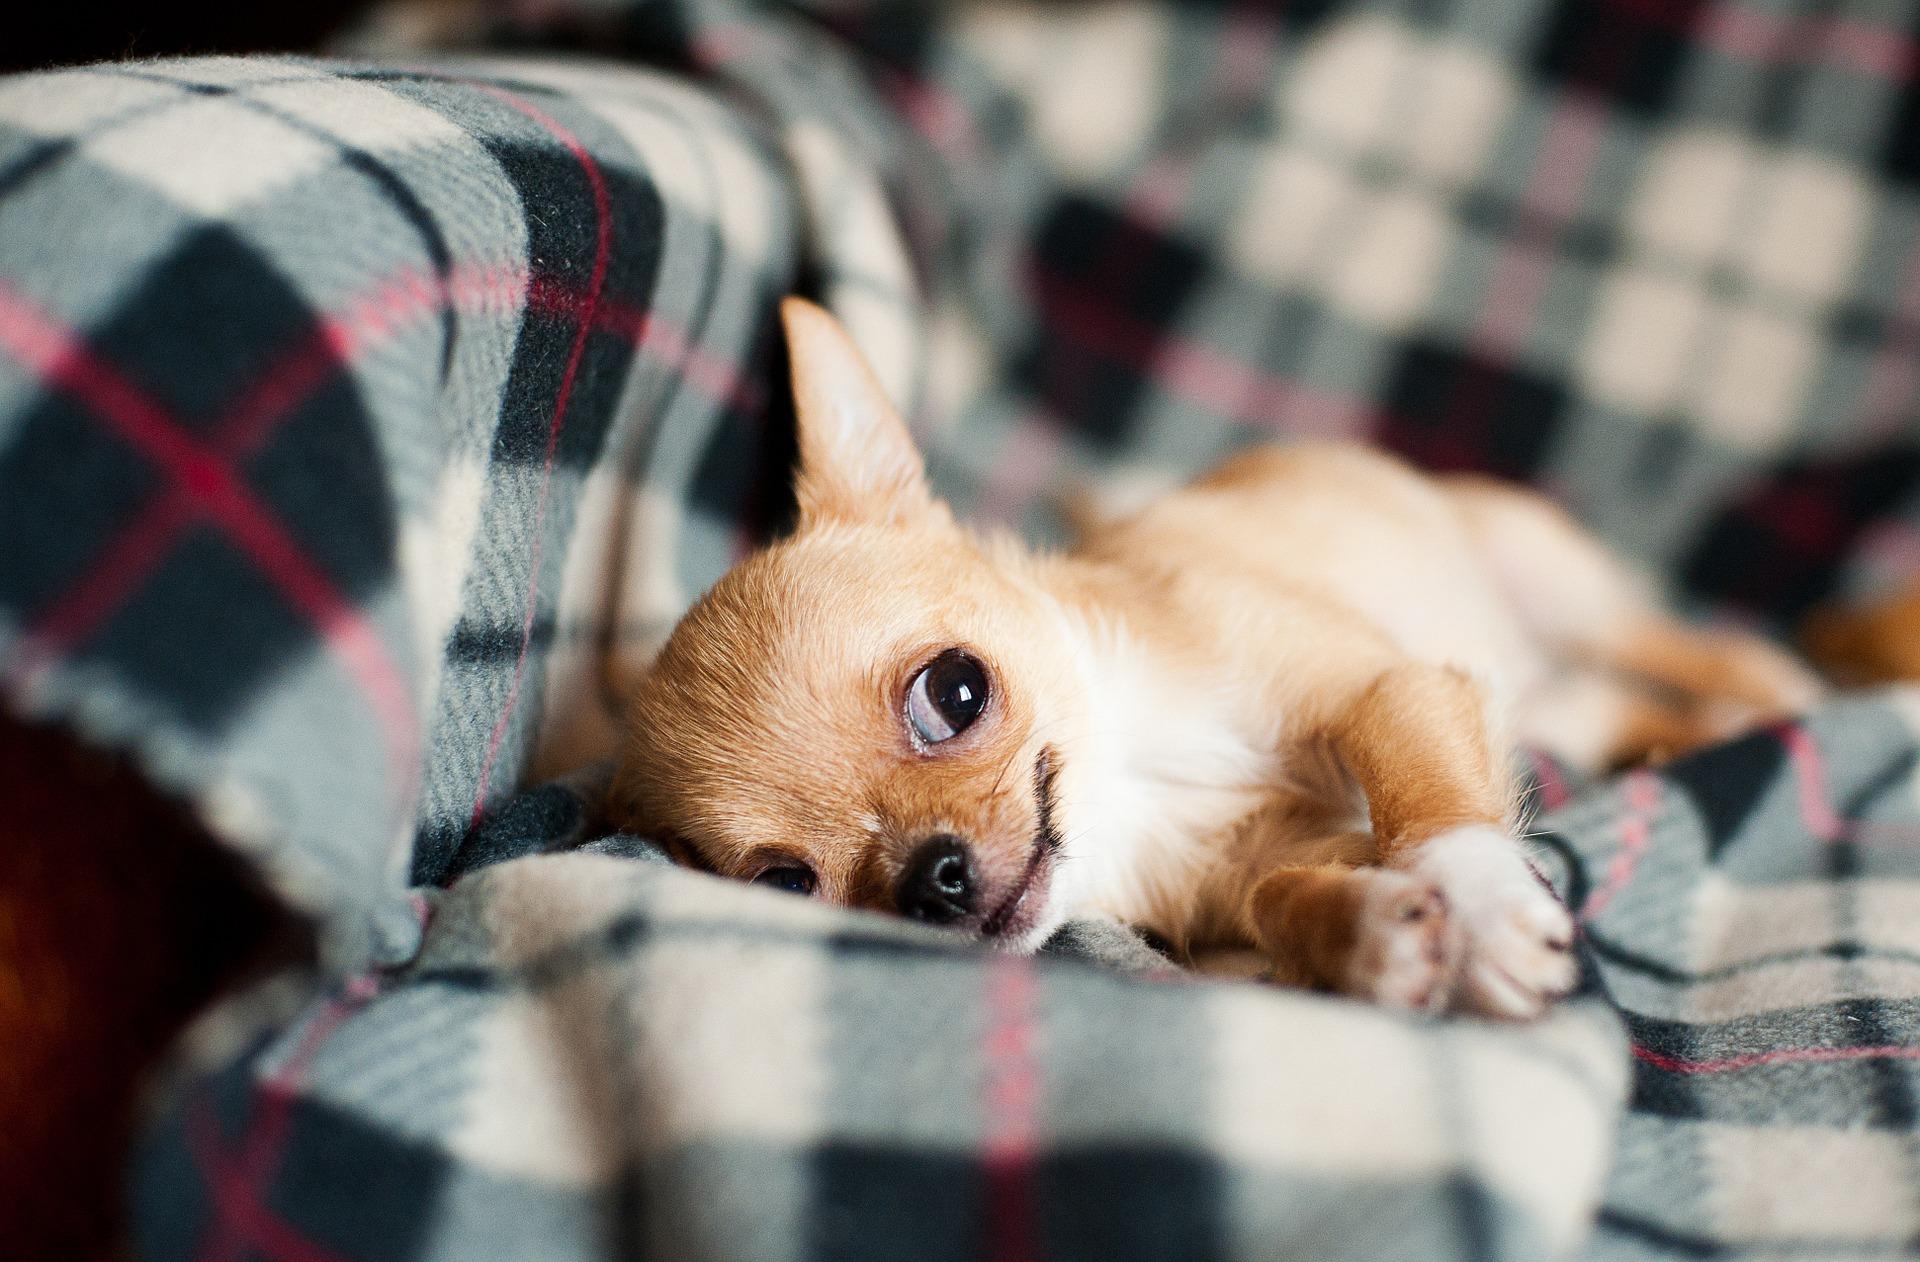 Karakteristike Chihuahua pasmine pasa